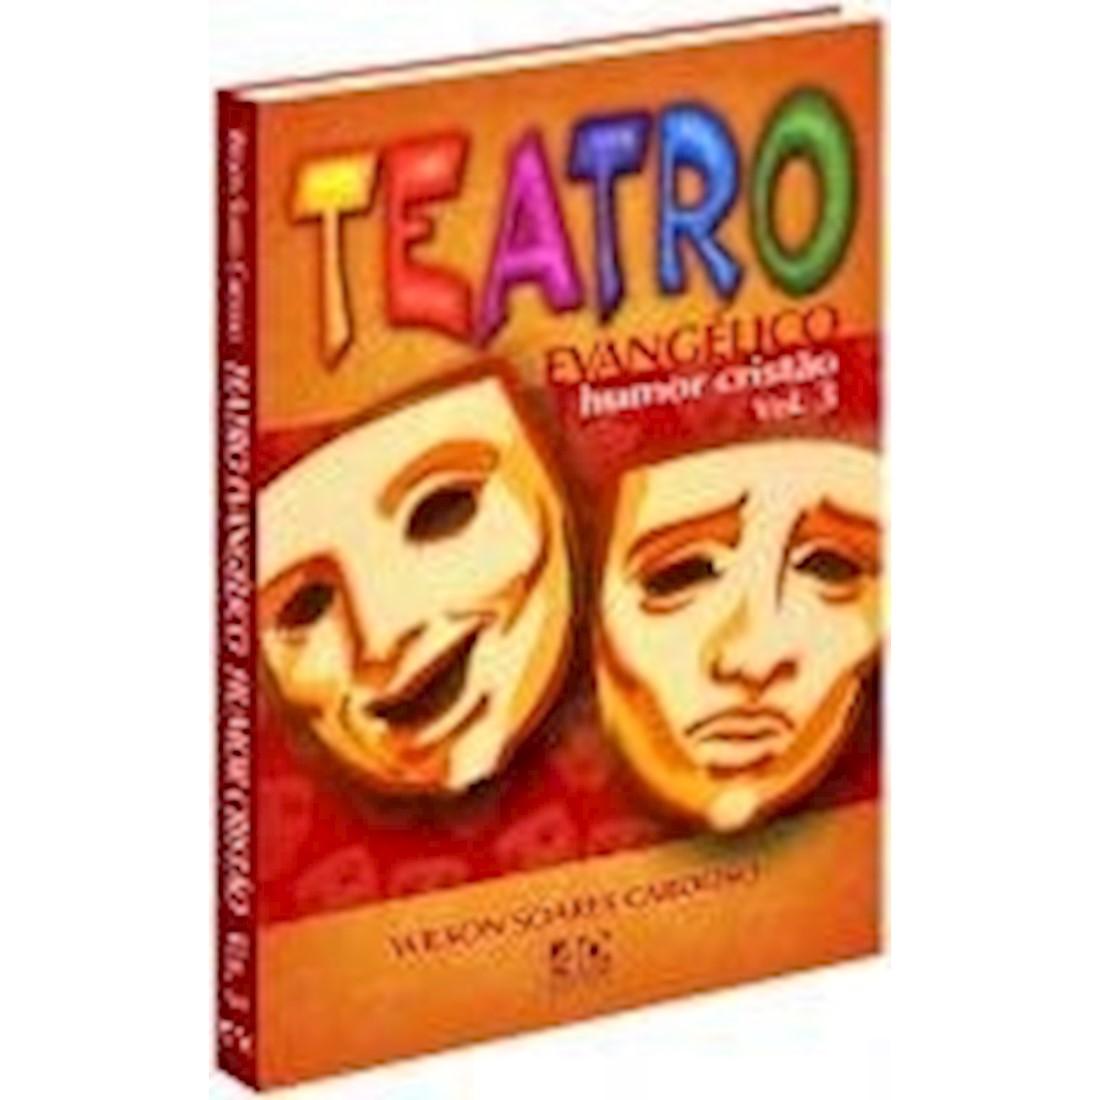 Livro Teatro Evangélico - Humor Cristão - Vol. 3